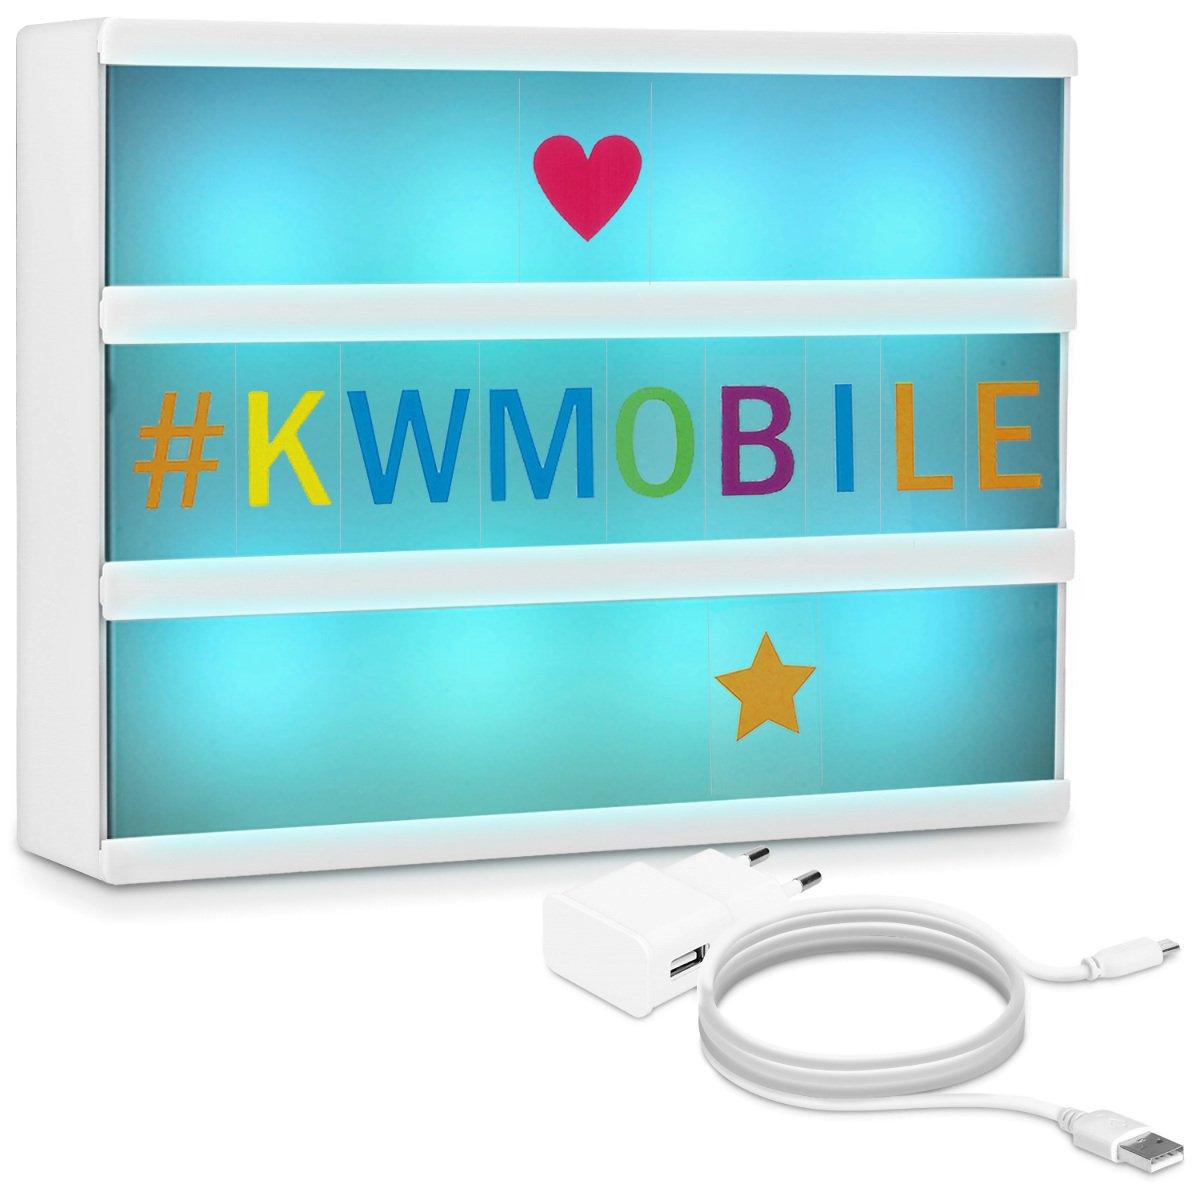 kwmobile Lightbox luminoso cambia colore - illuminazione in 7 colori e 126 lettere colorate - Lavagna luminosa luce LED A4 - Light box USB e batteria KW-Commerce 41053_m001247